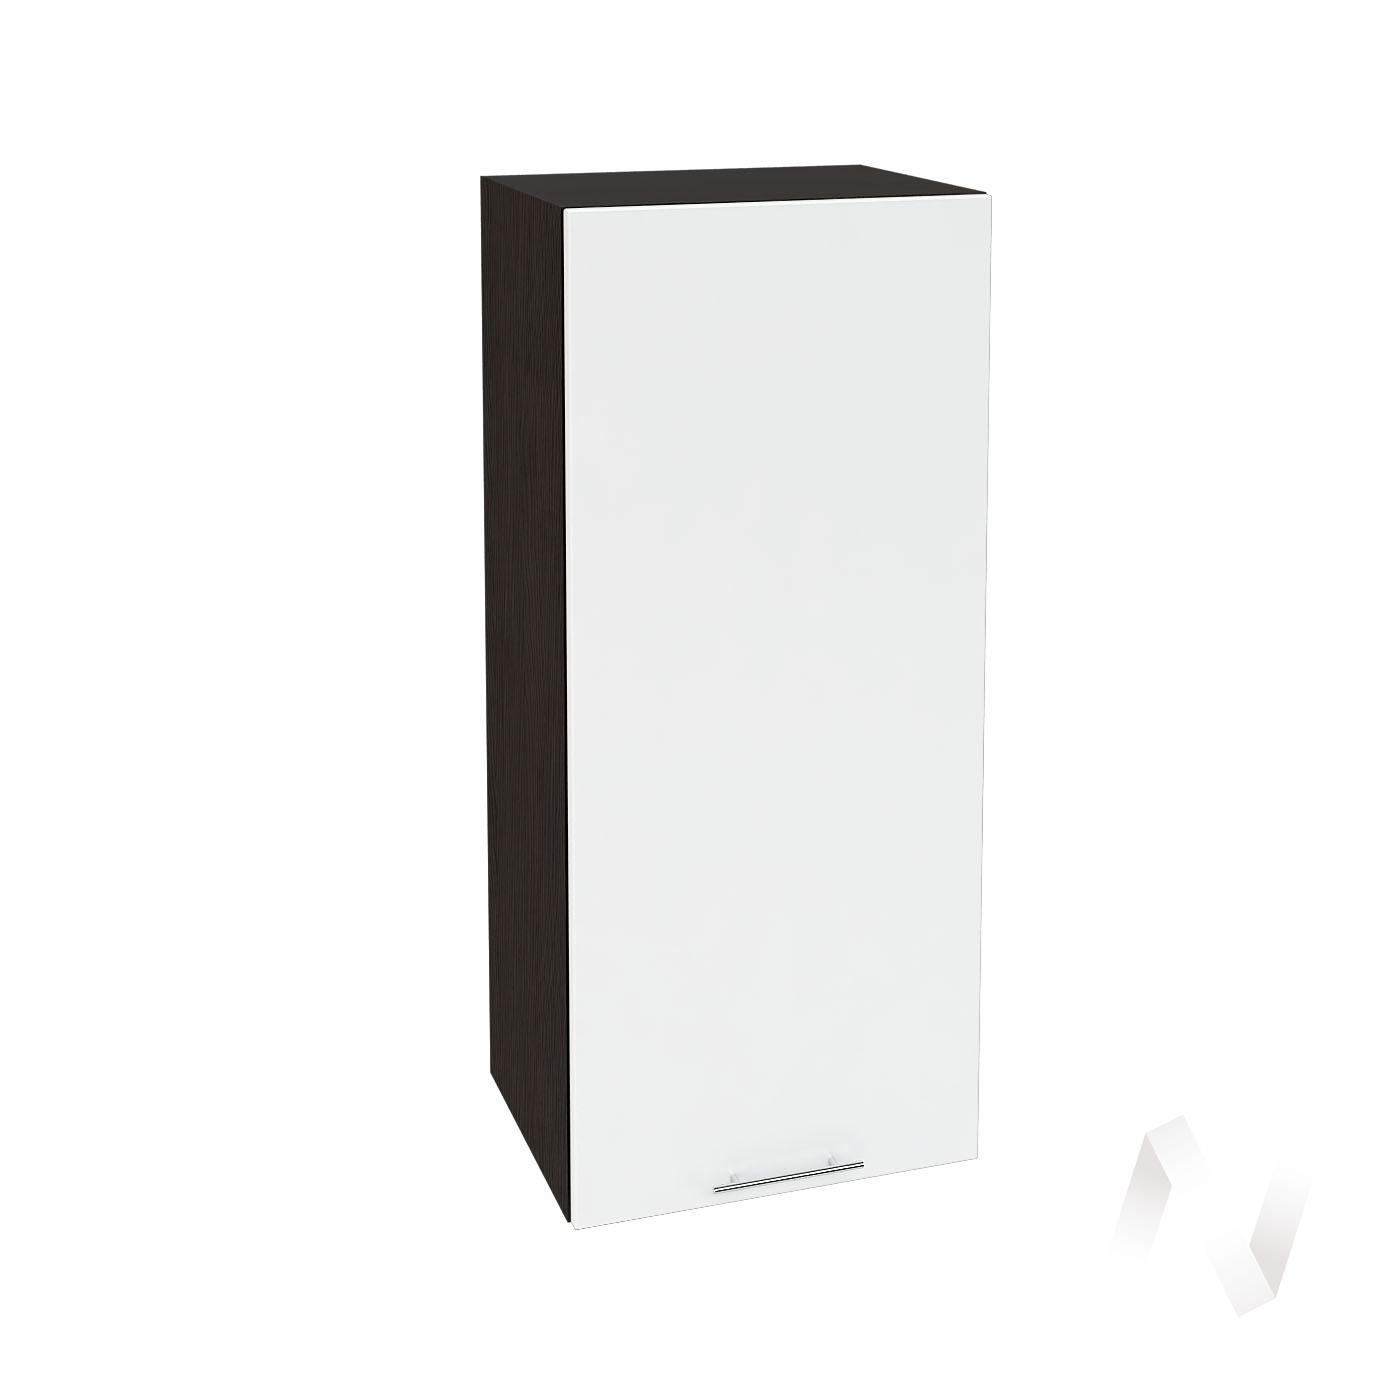 """Кухня """"Валерия-М"""": Шкаф верхний 409, ШВ 409 (белый глянец/корпус венге)"""